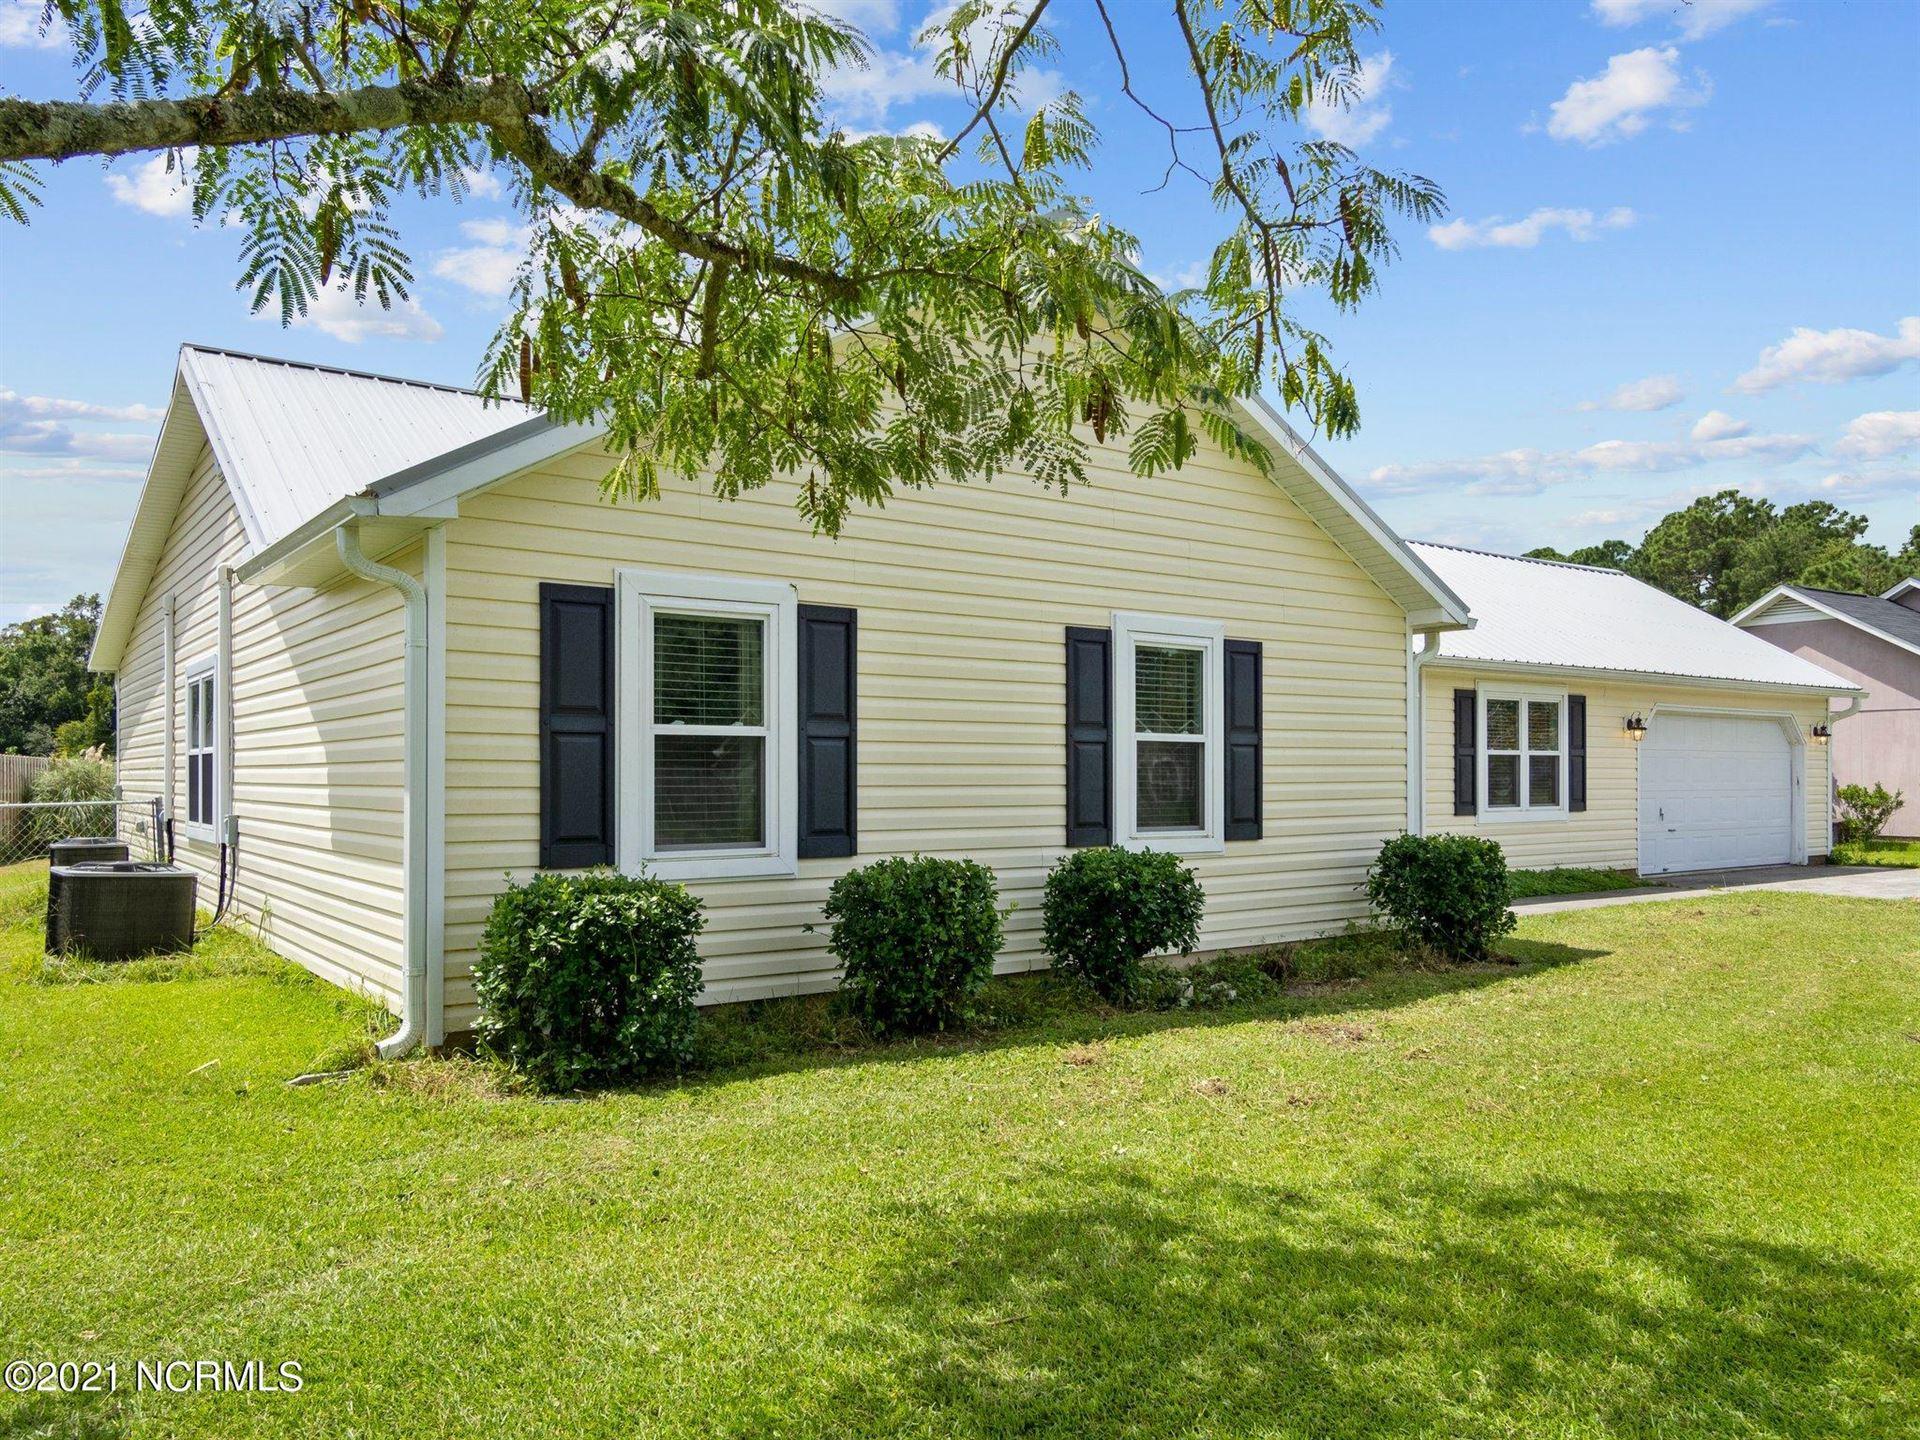 Photo of 248 Zachary Lane, Hubert, NC 28539 (MLS # 100286713)